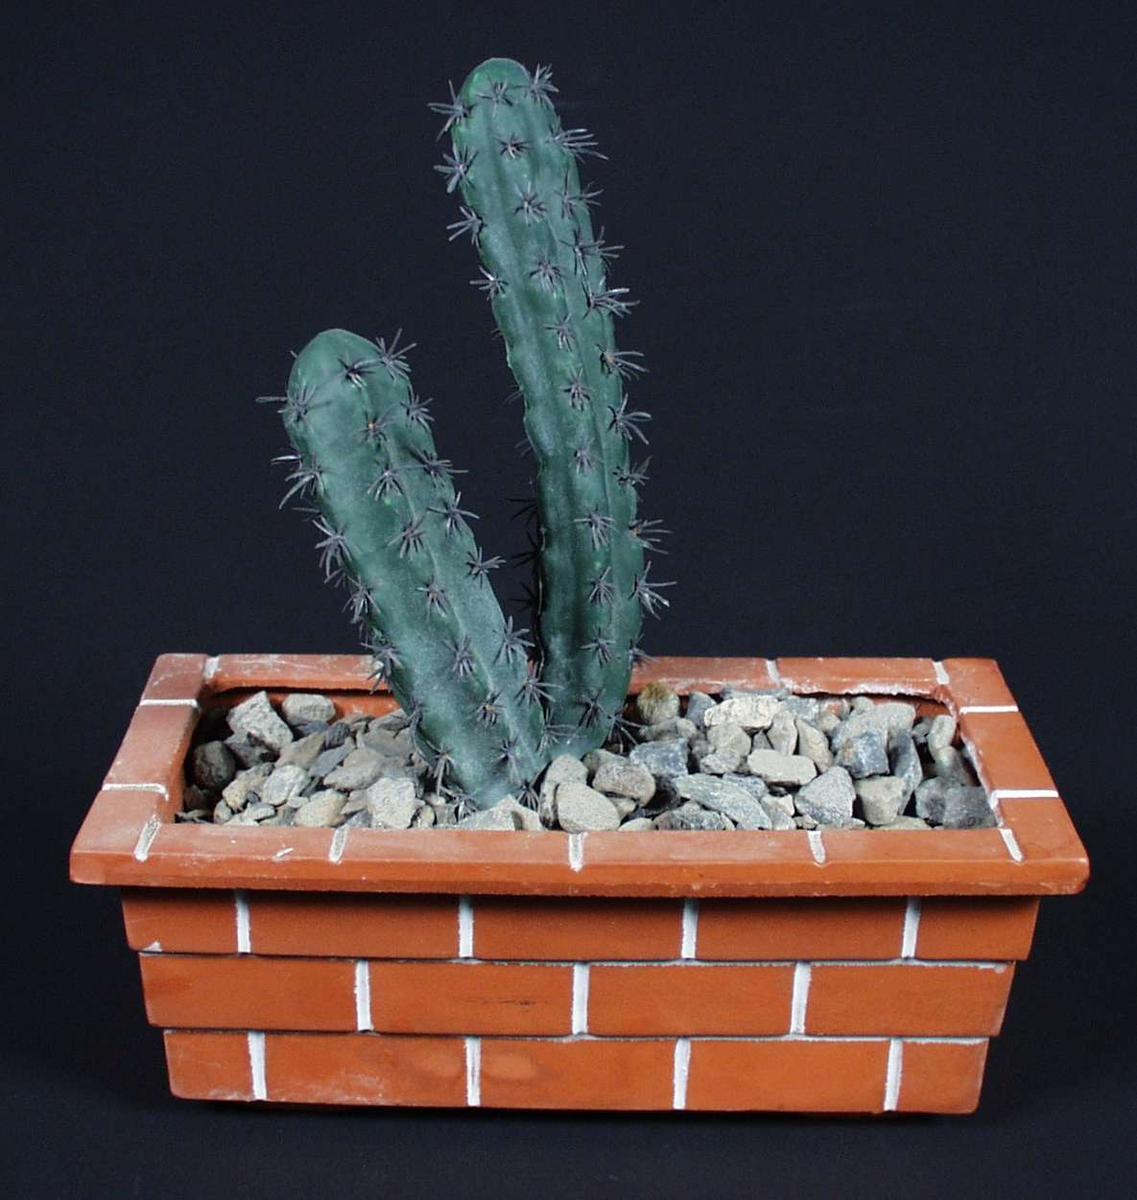 Firkantet blomsterpotte i keramikk med mønster som ligner teglsteinsmur. Kunstig kaktus med stein rundt.